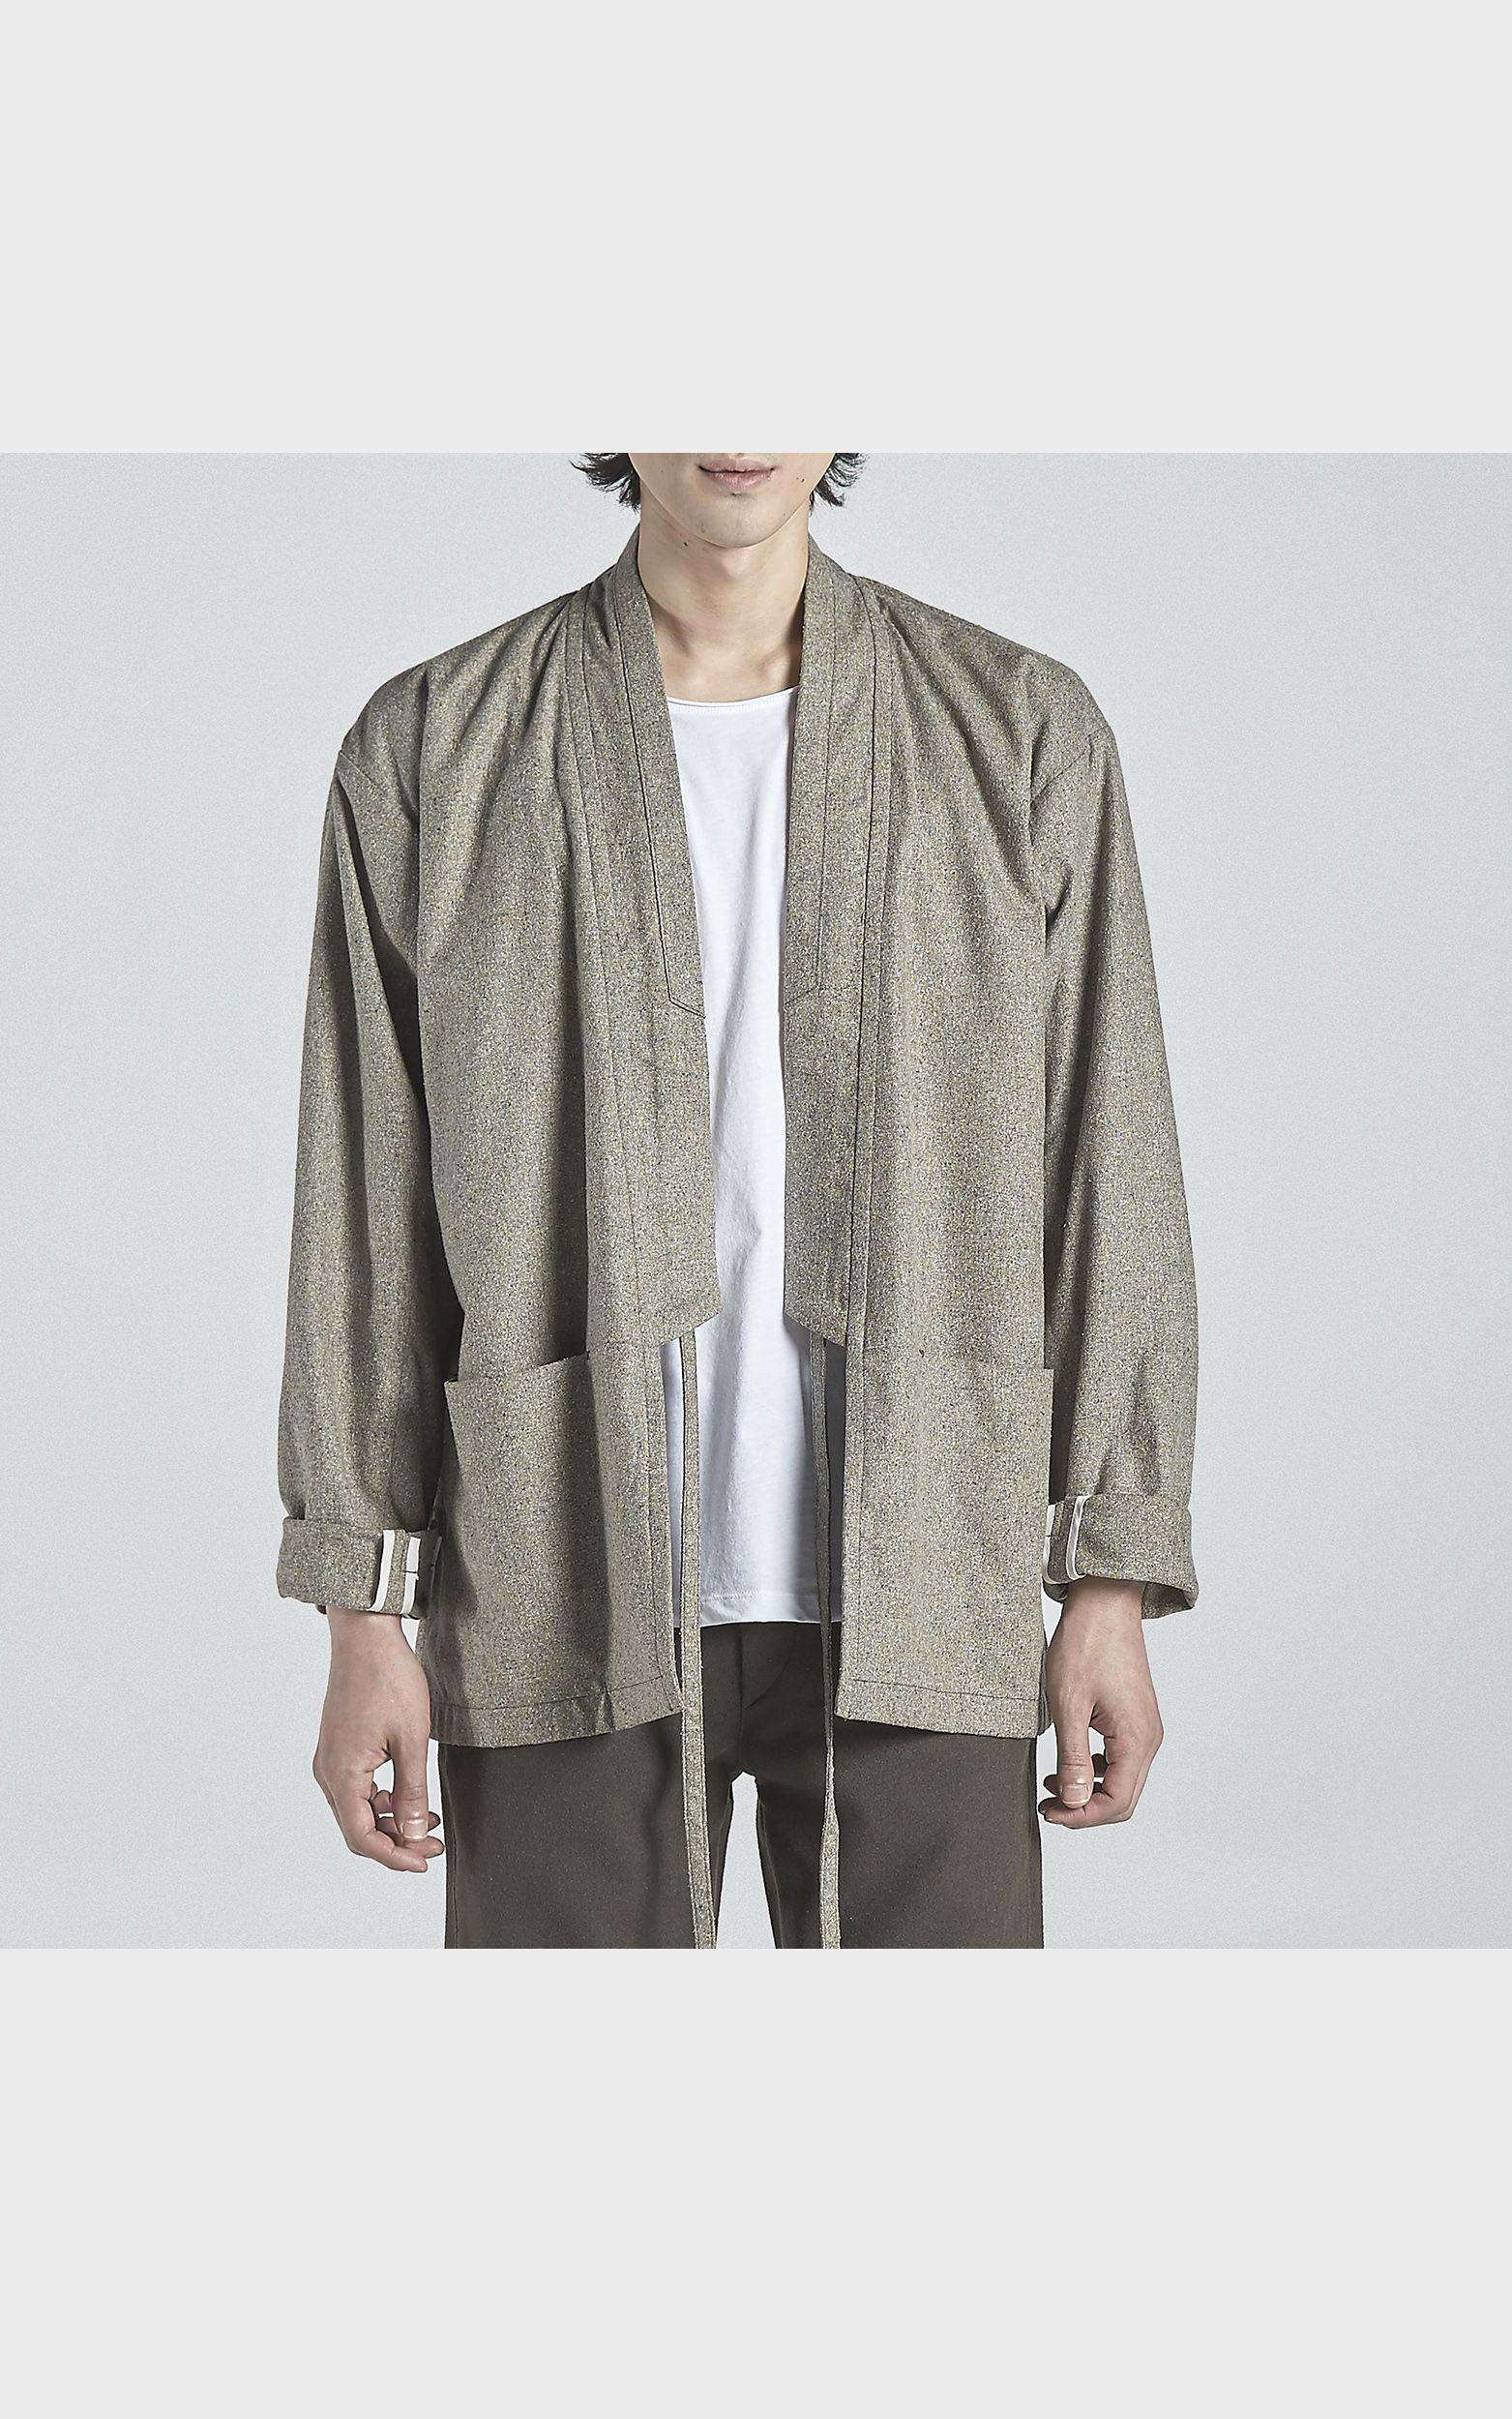 iise seoul hanbok jacket